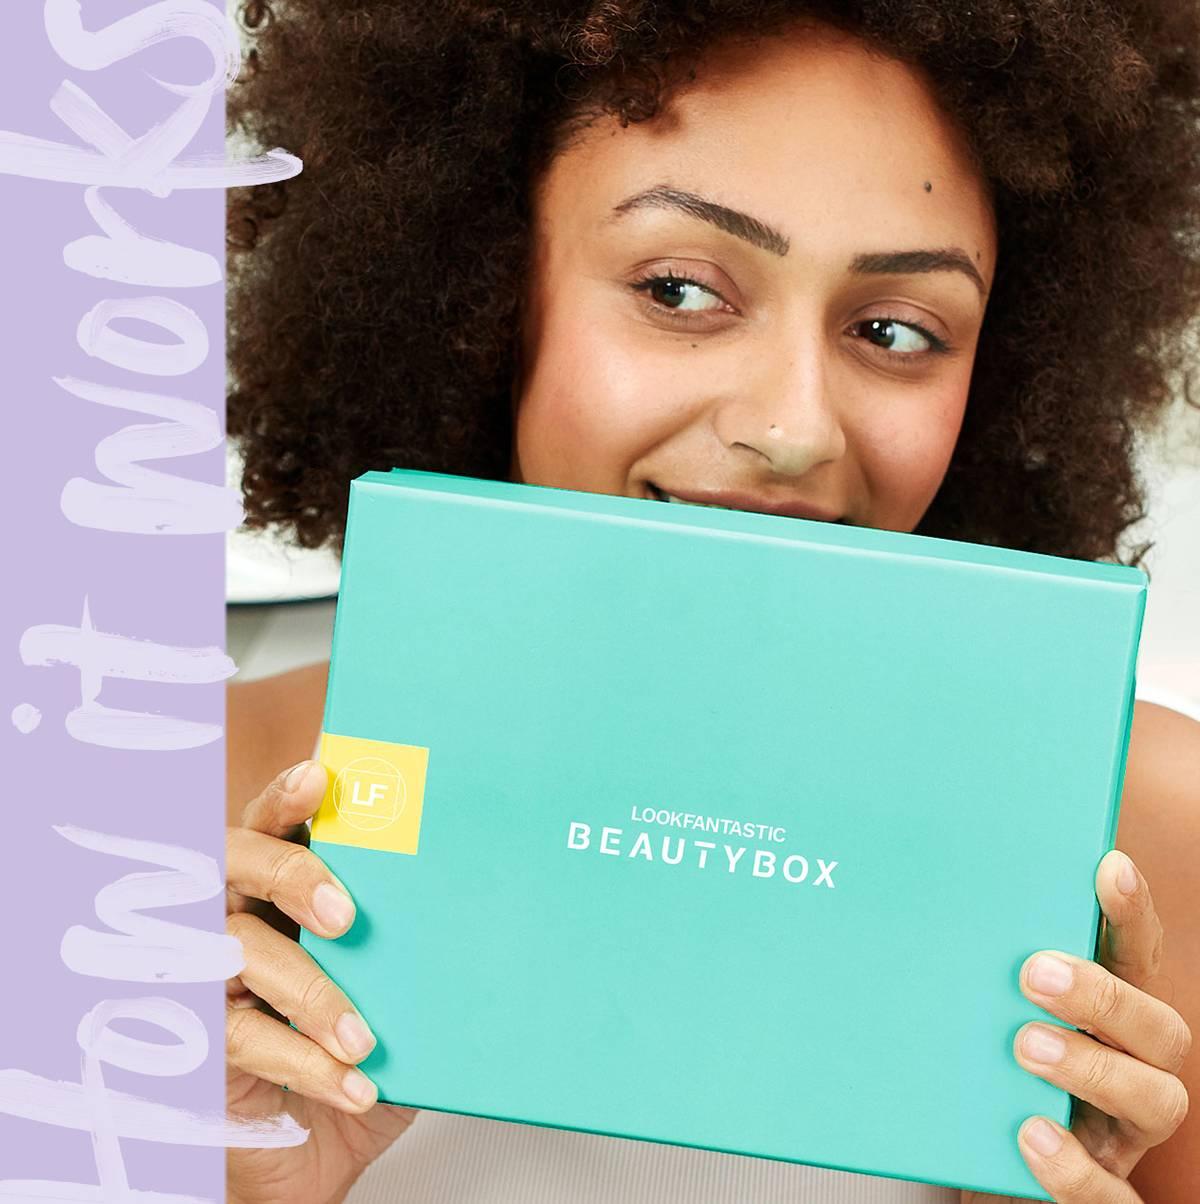 Lookfantastic Beauty Box - ежемесячная подписка, по которой мировому сообществу подписчиков доставляется 6 тщательно отобранных косметических товаров на сумму более 5, 000 рублей. Откройте для себя подписку на 1, 3, 6 или 12 месяцев